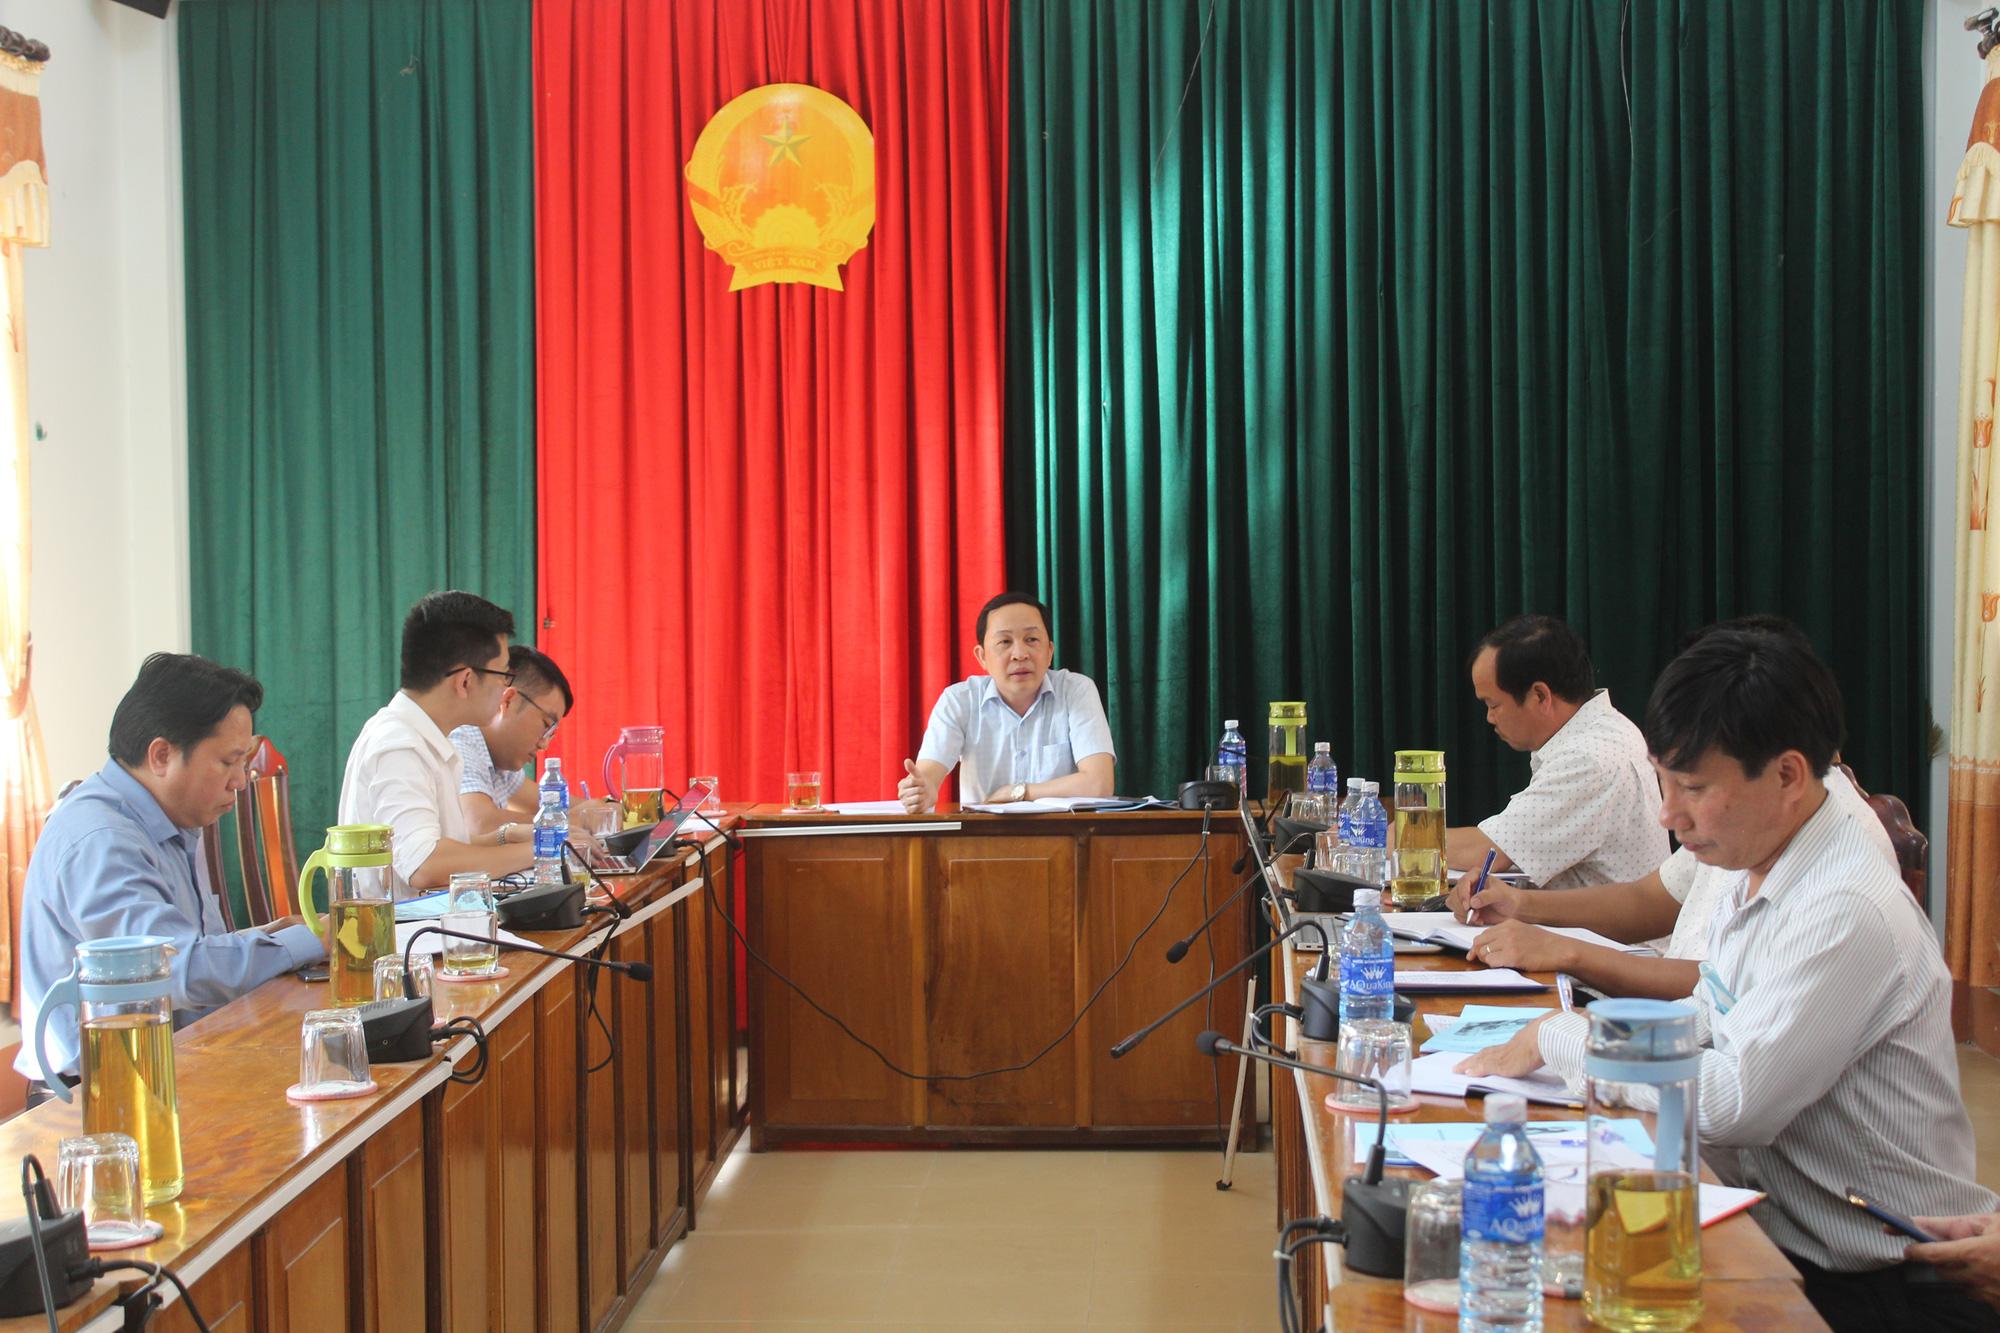 Quảng Nam: Các huyện miền núi gặp khó khăn trong việc xây dựng chính quyền điện tử - Ảnh 2.